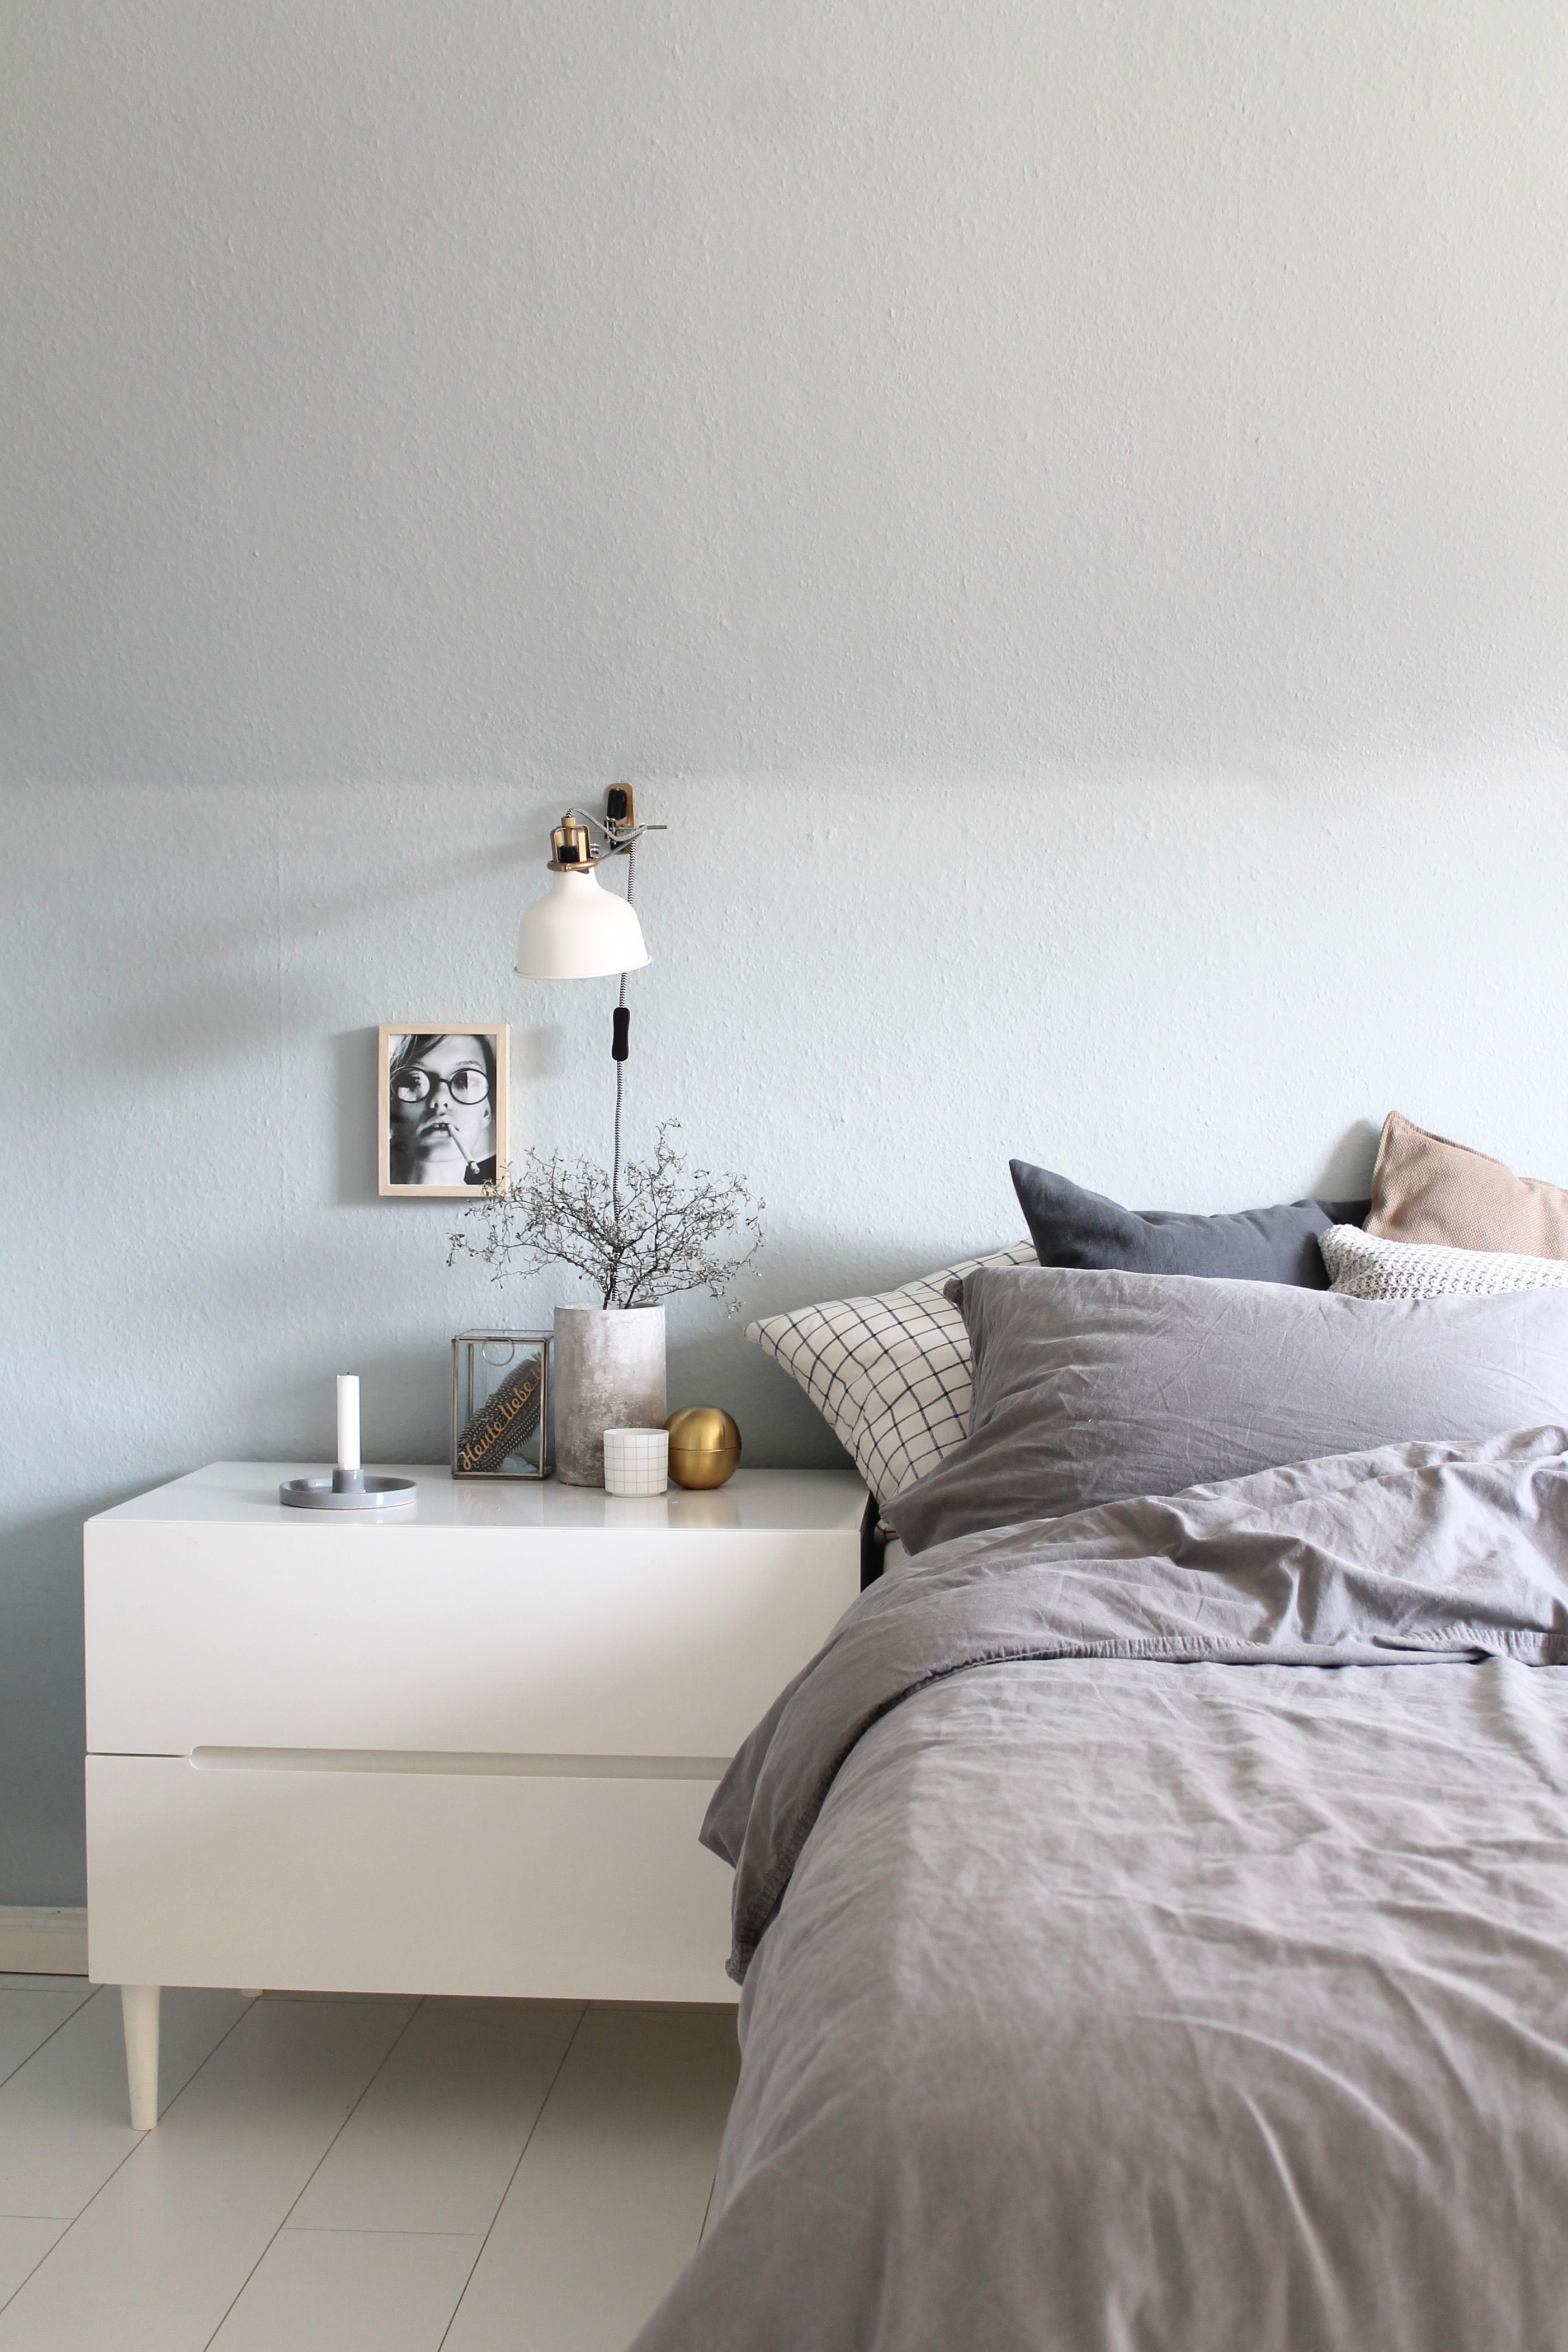 Wrg 2562 schlafzimmer renovierung farbgestaltung - Turkis im schlafzimmer ...